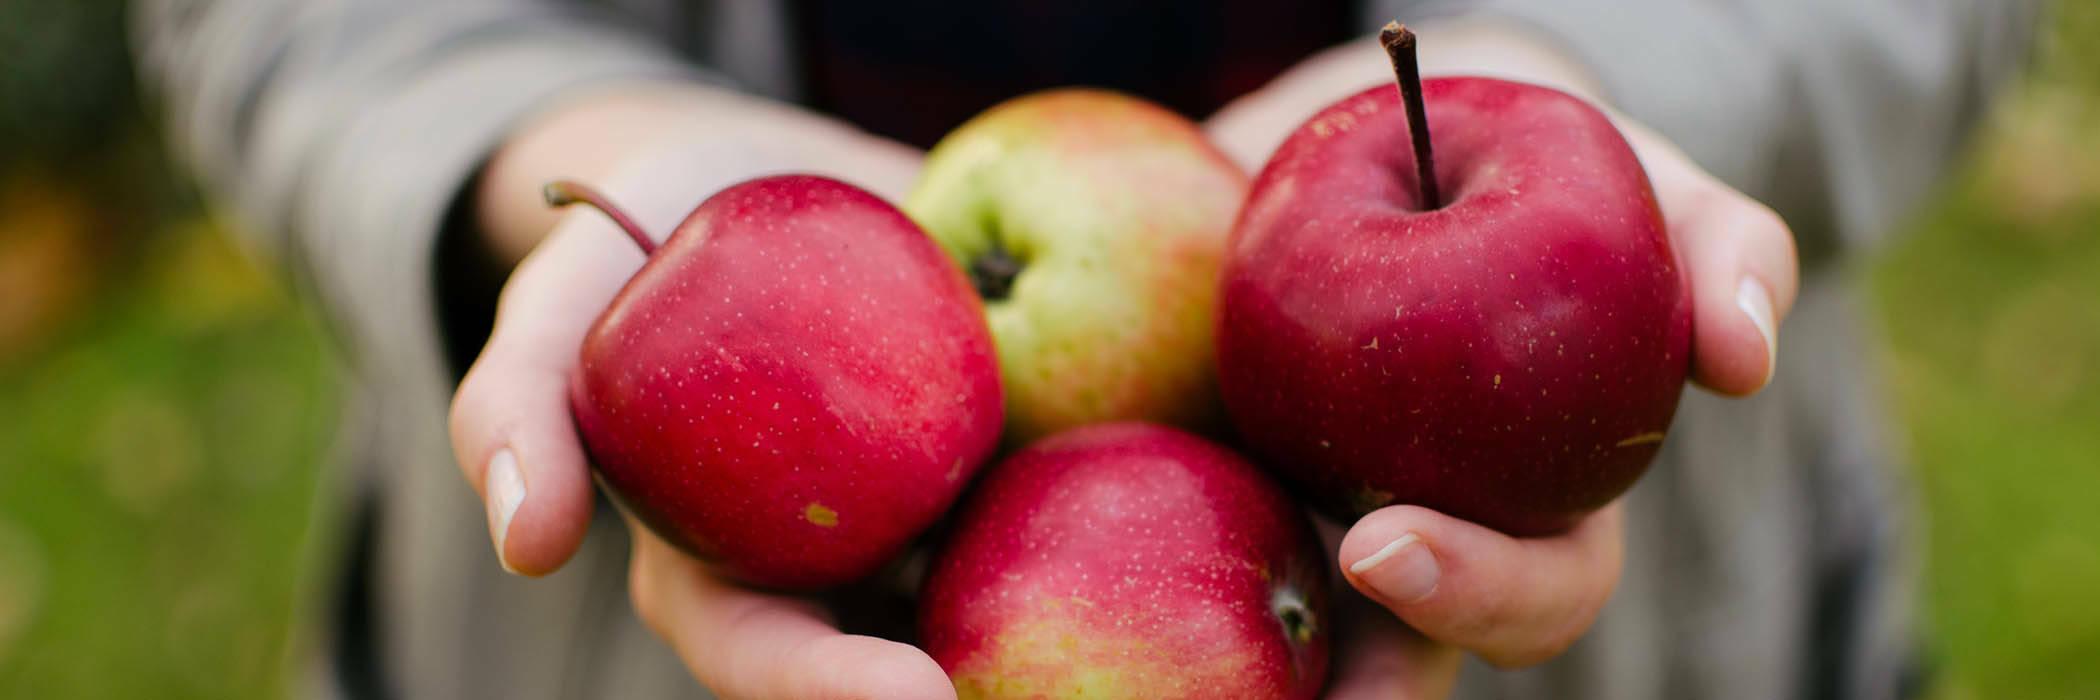 21aug apple cider vinegar hero